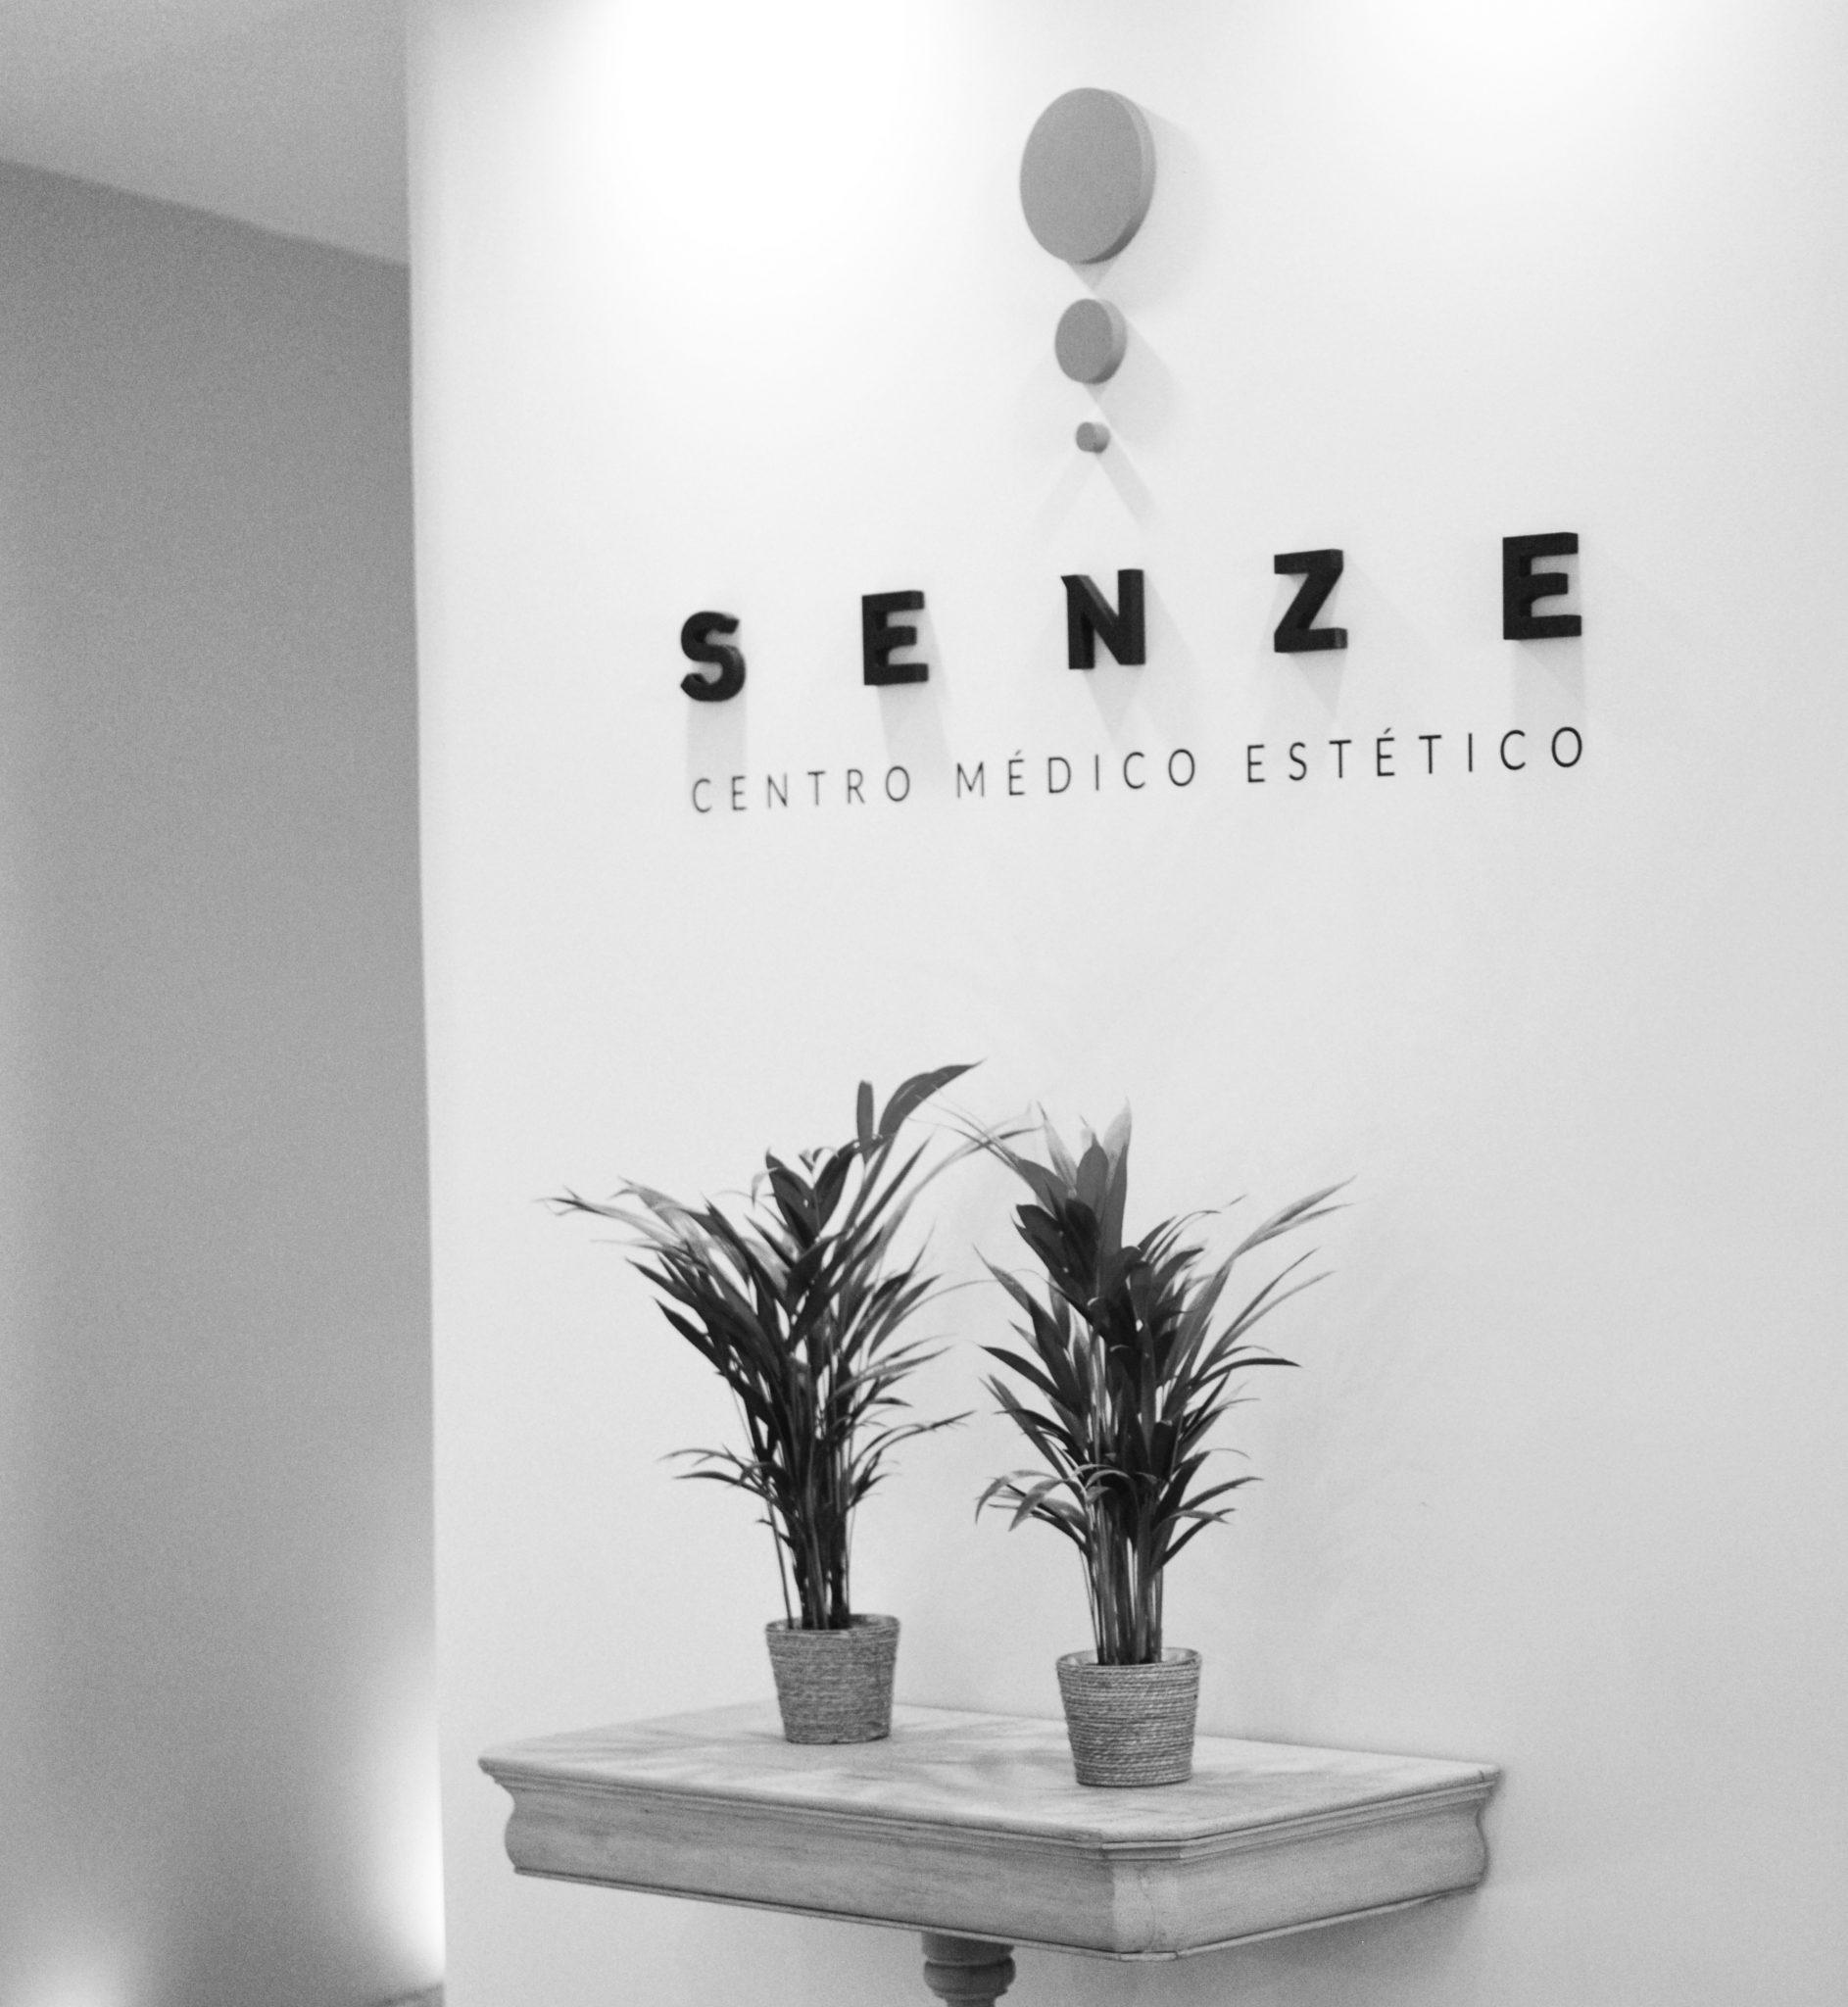 senze1